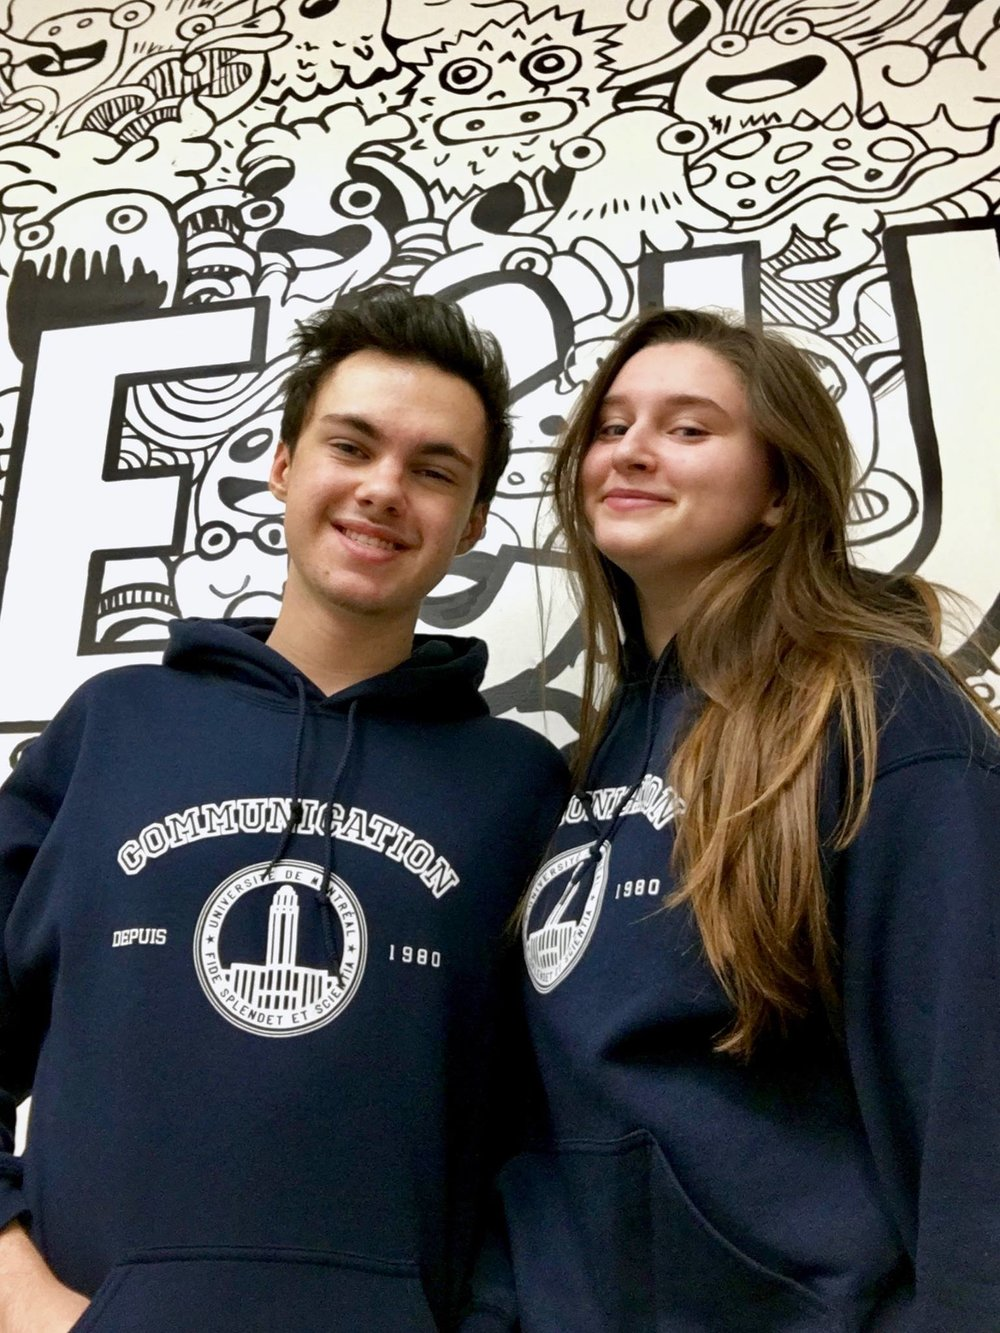 Yllan et Mathilde sont confiants. Ils portent aussi les nouveaux chandails maintenant disponibles à l'asso!